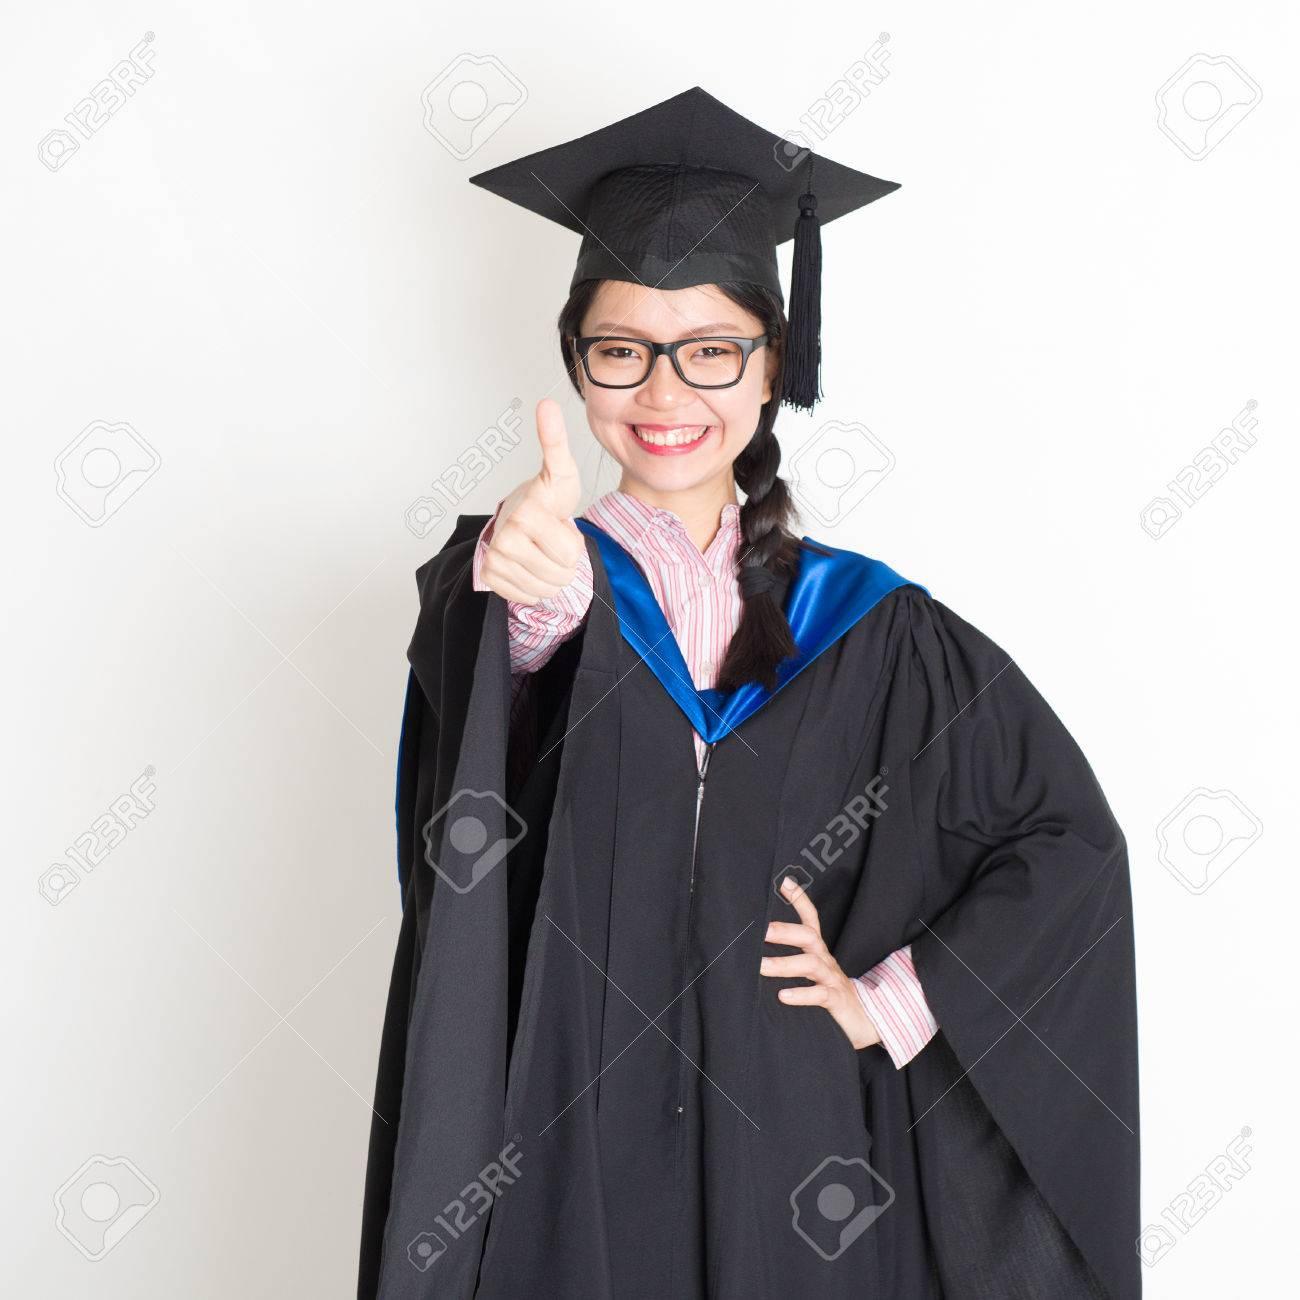 Estudiante De La Universidad En El Vestido De La Graduación Y La Tapa Que Da El Pulgar Para Arriba Firma Retrato De La Posición Femenina Asiática Del